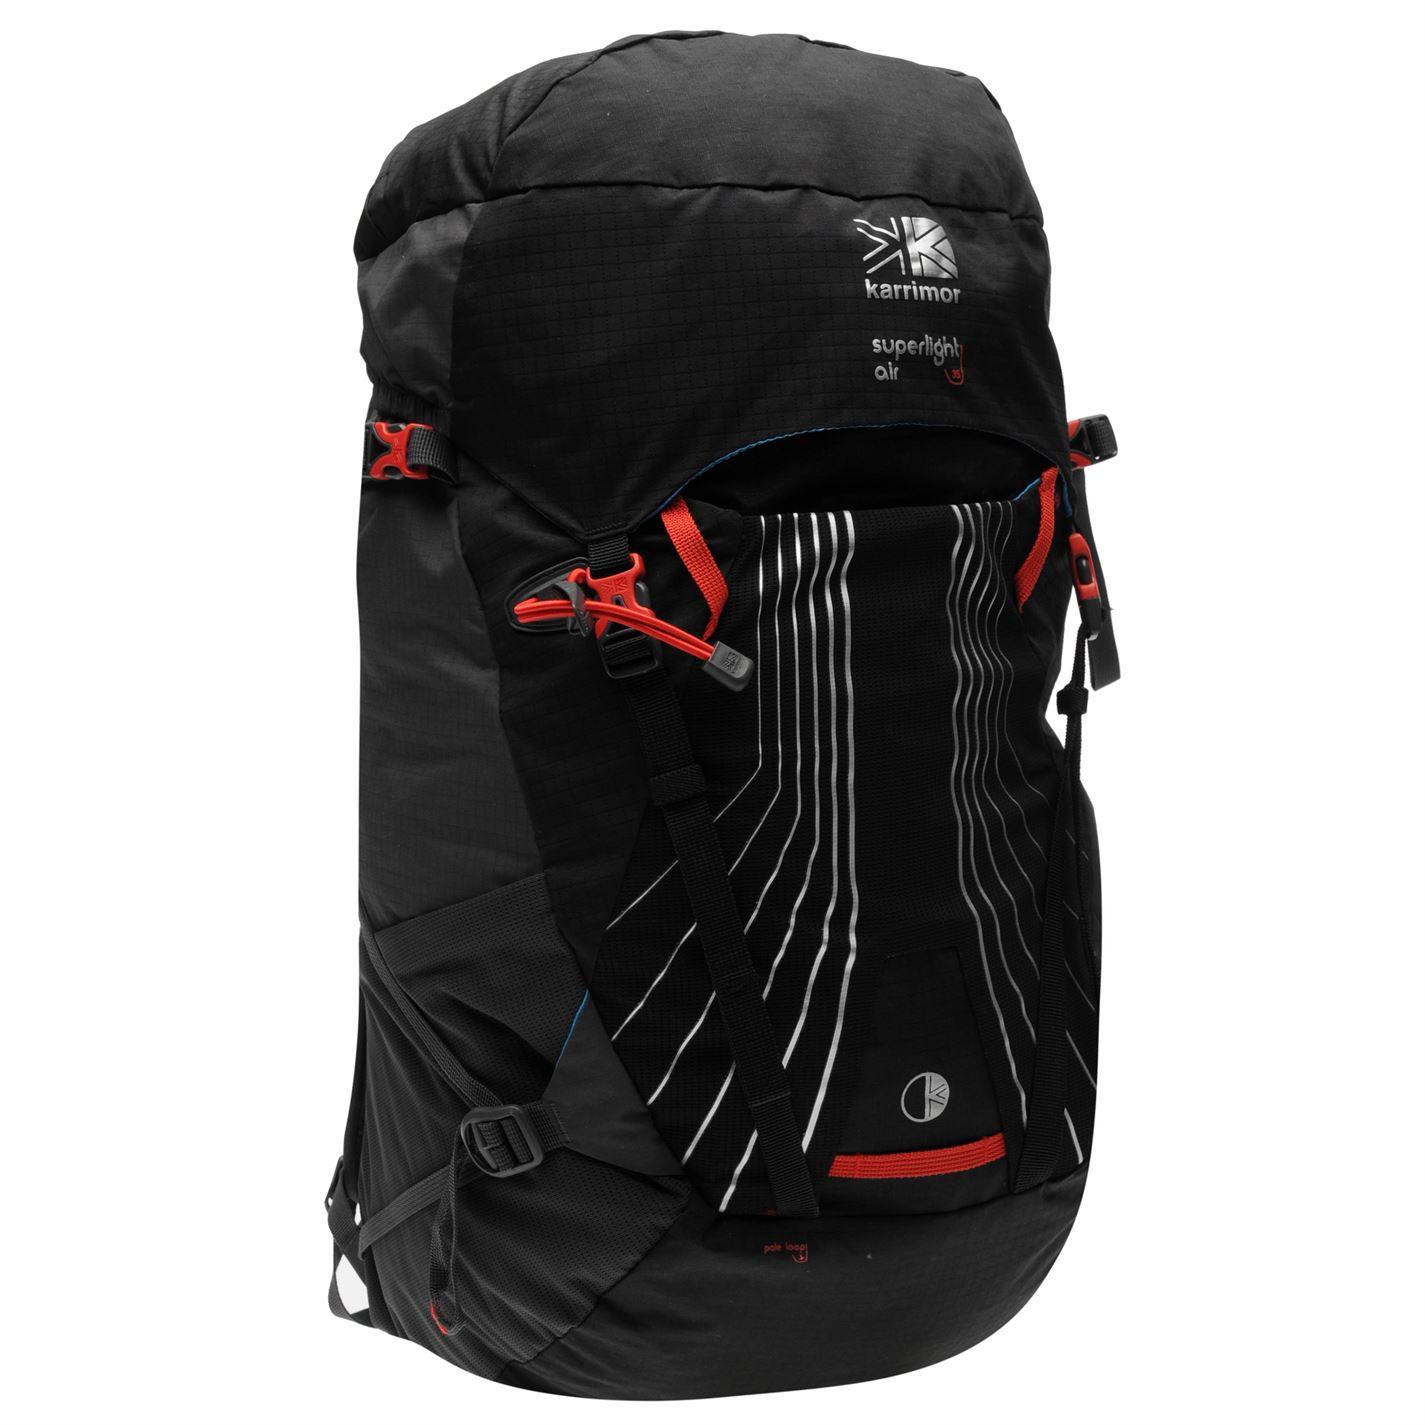 Karrimor Superlight Air 35 Backpack